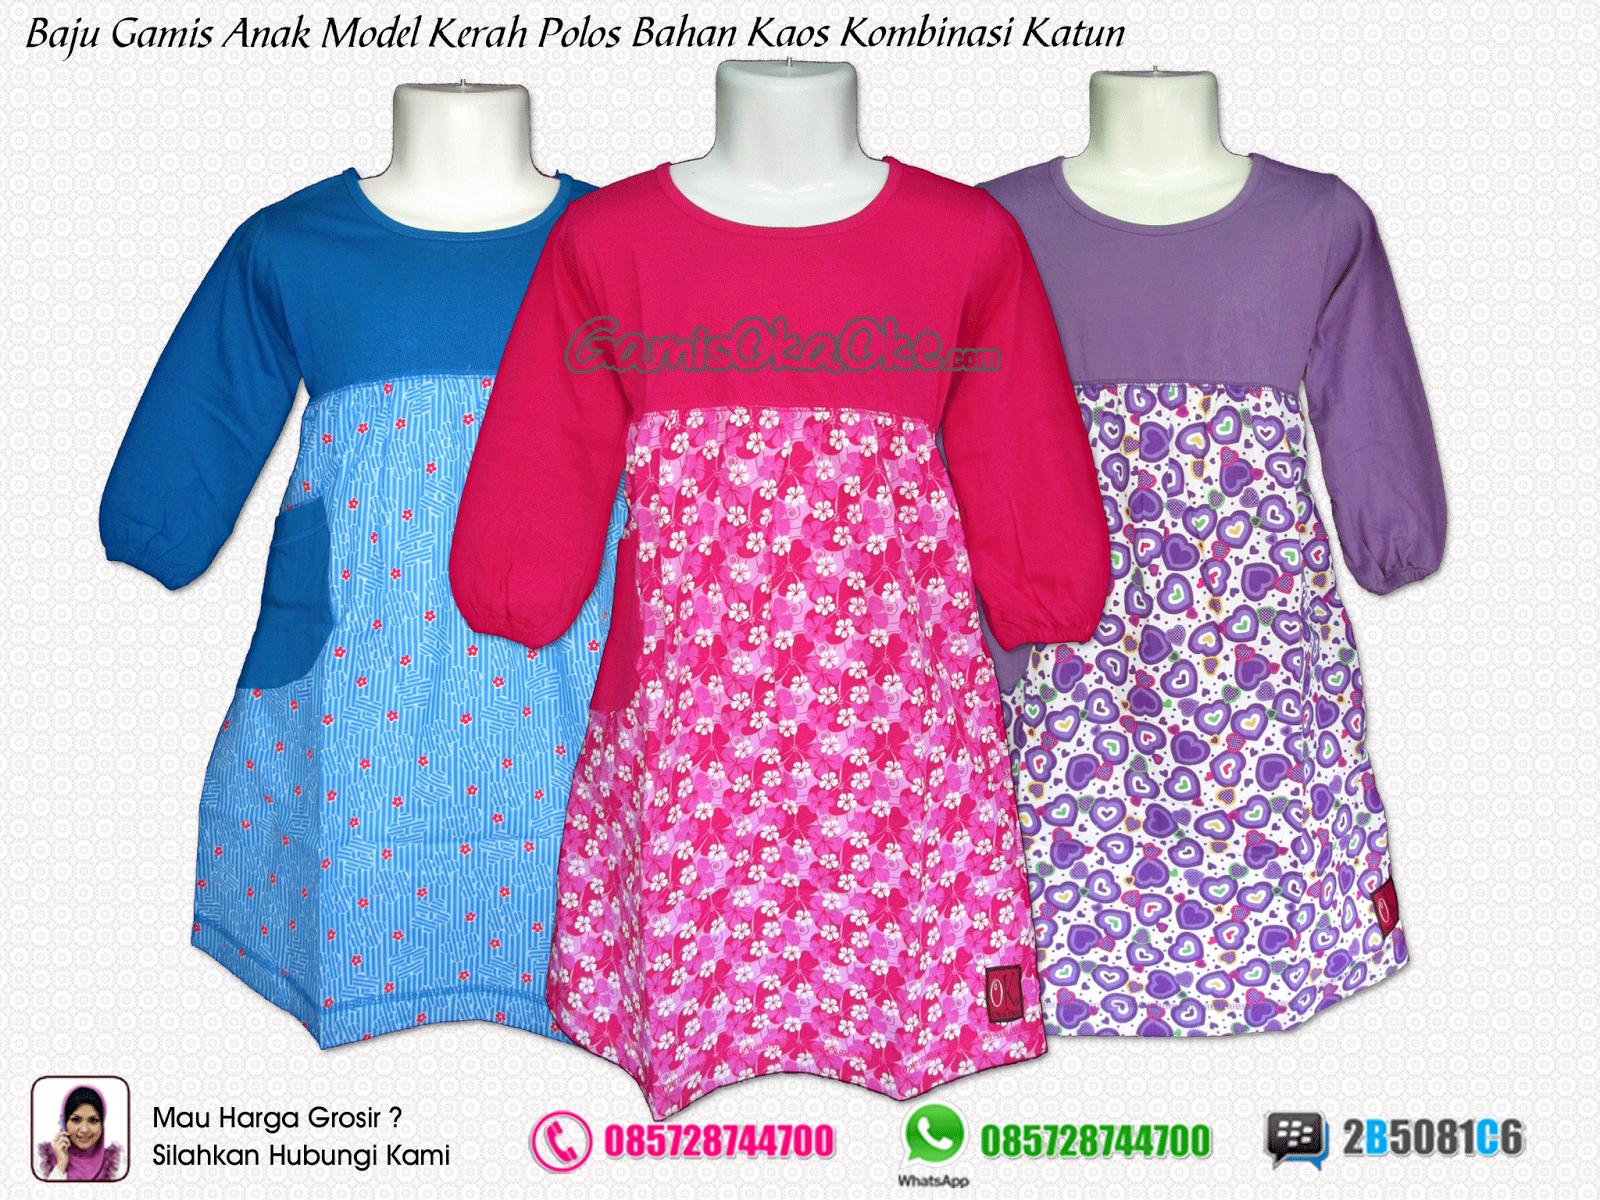 Grosir Baju Gamis Anak Perempuan Murah Dan Bagus